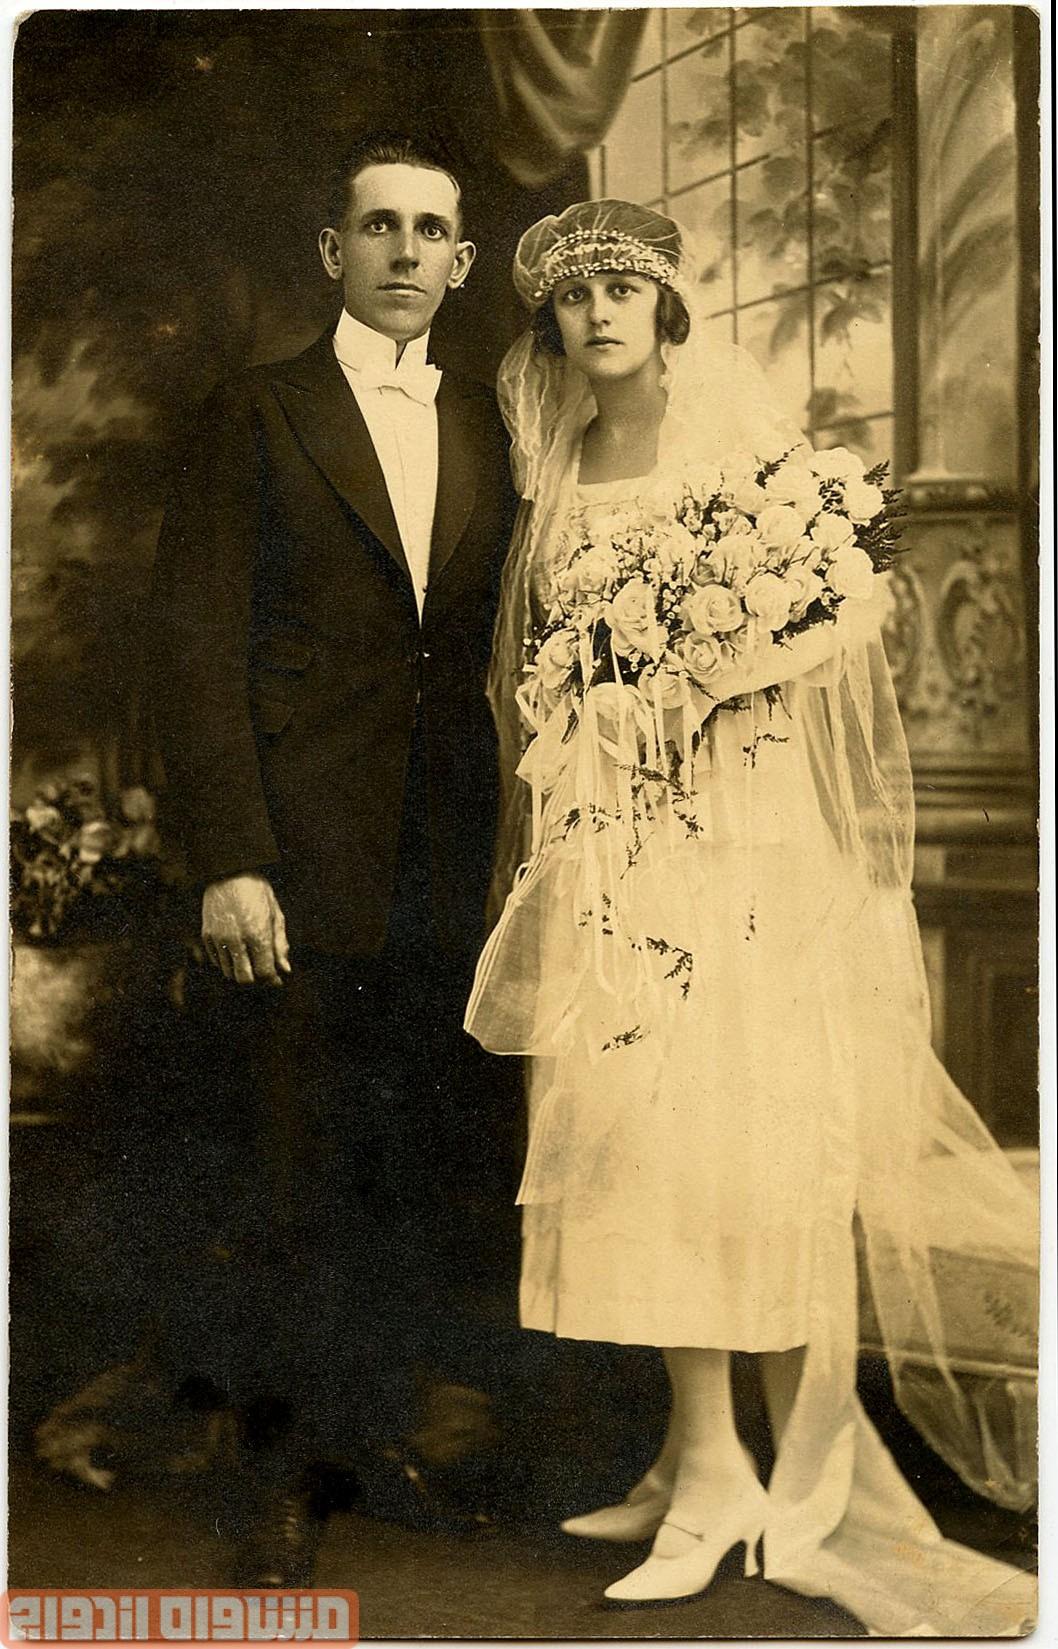 ازدواج با دختر بزرگتر از نظر روانشناسی